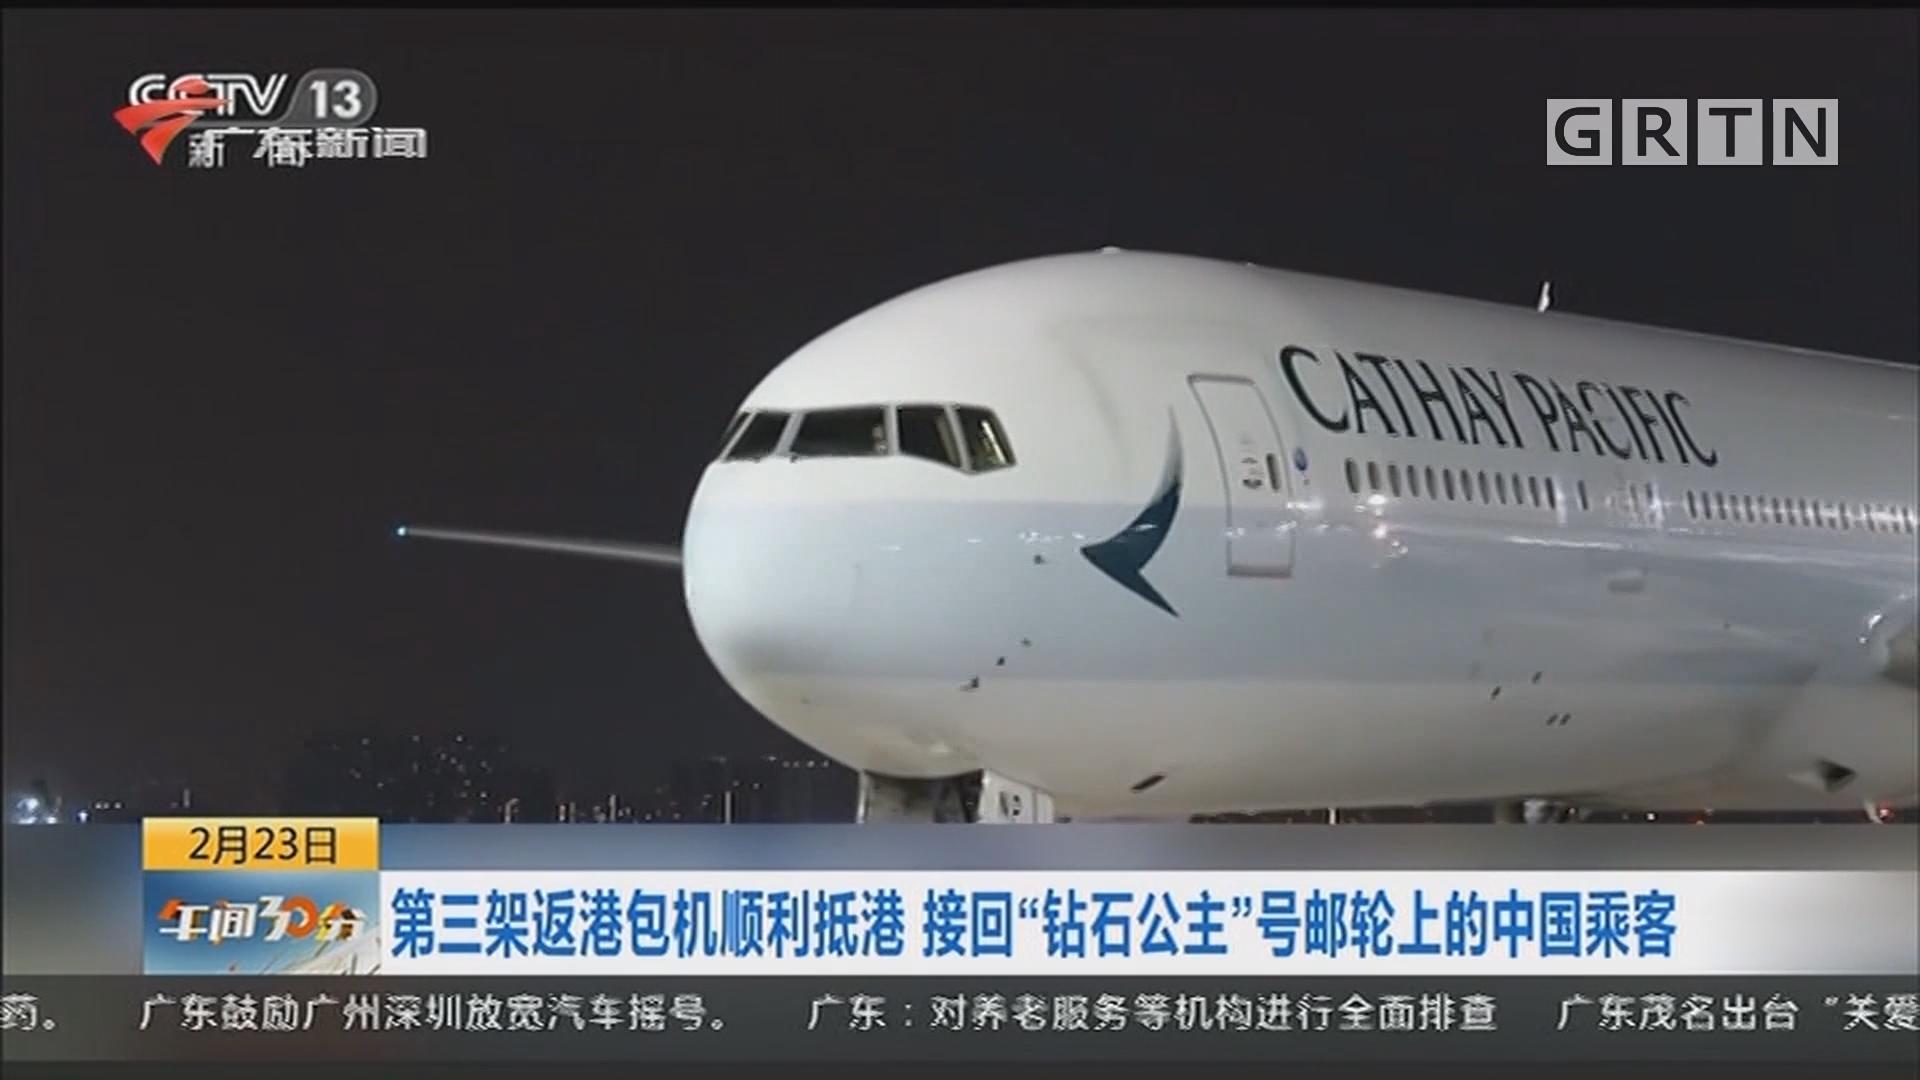 """第三架返港包机顺利抵港 接回""""钻石公主""""号邮轮上的中国乘客"""